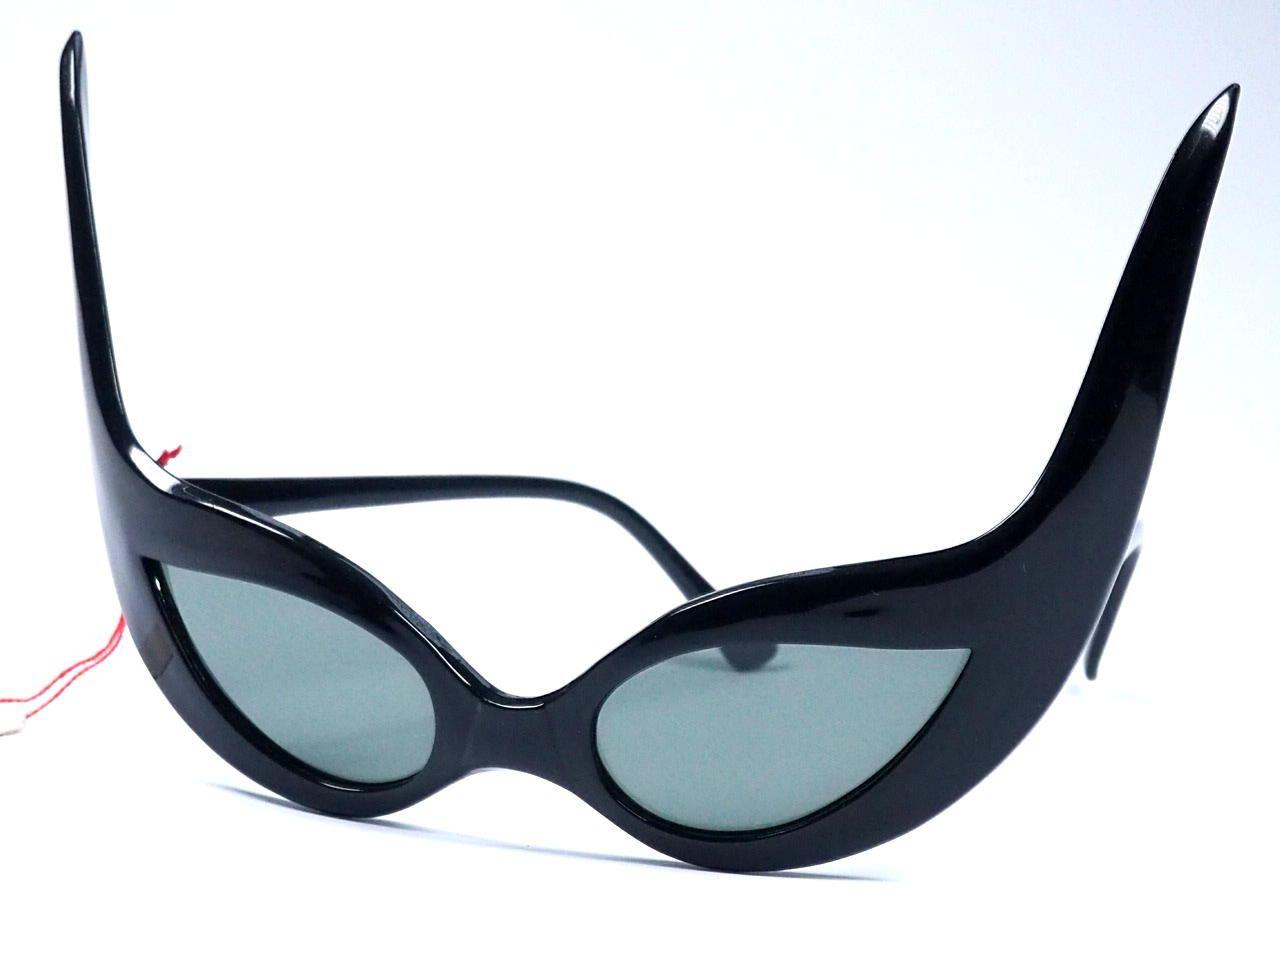 Teufelsbrille in schwarz original aus den 70ern.616816